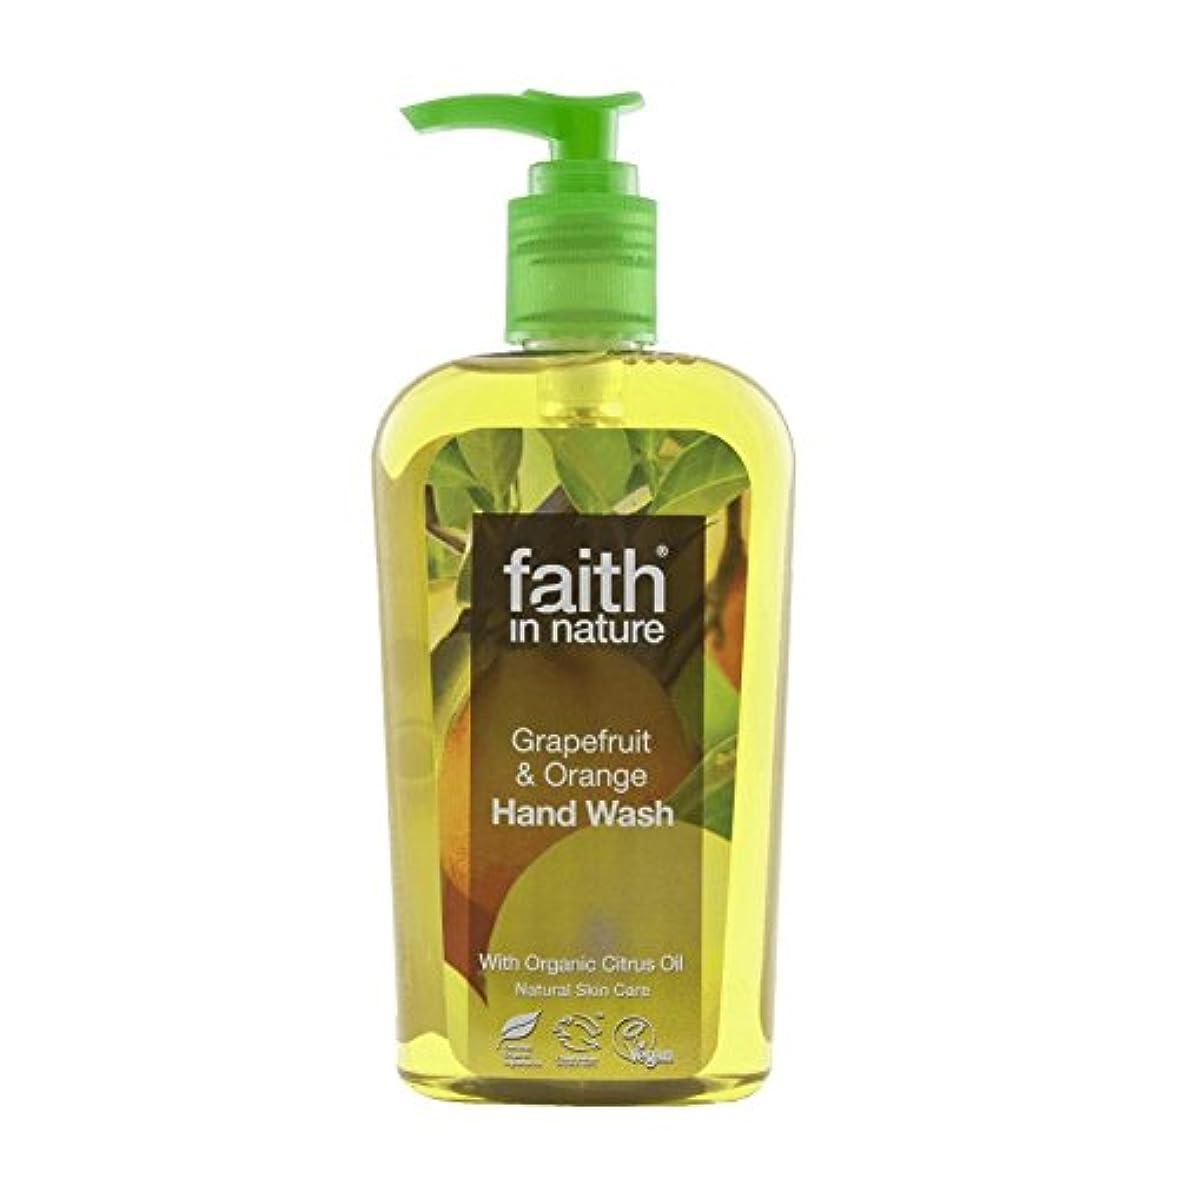 講師マラウイグリース自然グレープフルーツ&オレンジ手洗いの300ミリリットルの信仰 - Faith In Nature Grapefruit & Orange Handwash 300ml (Faith in Nature) [並行輸入品]